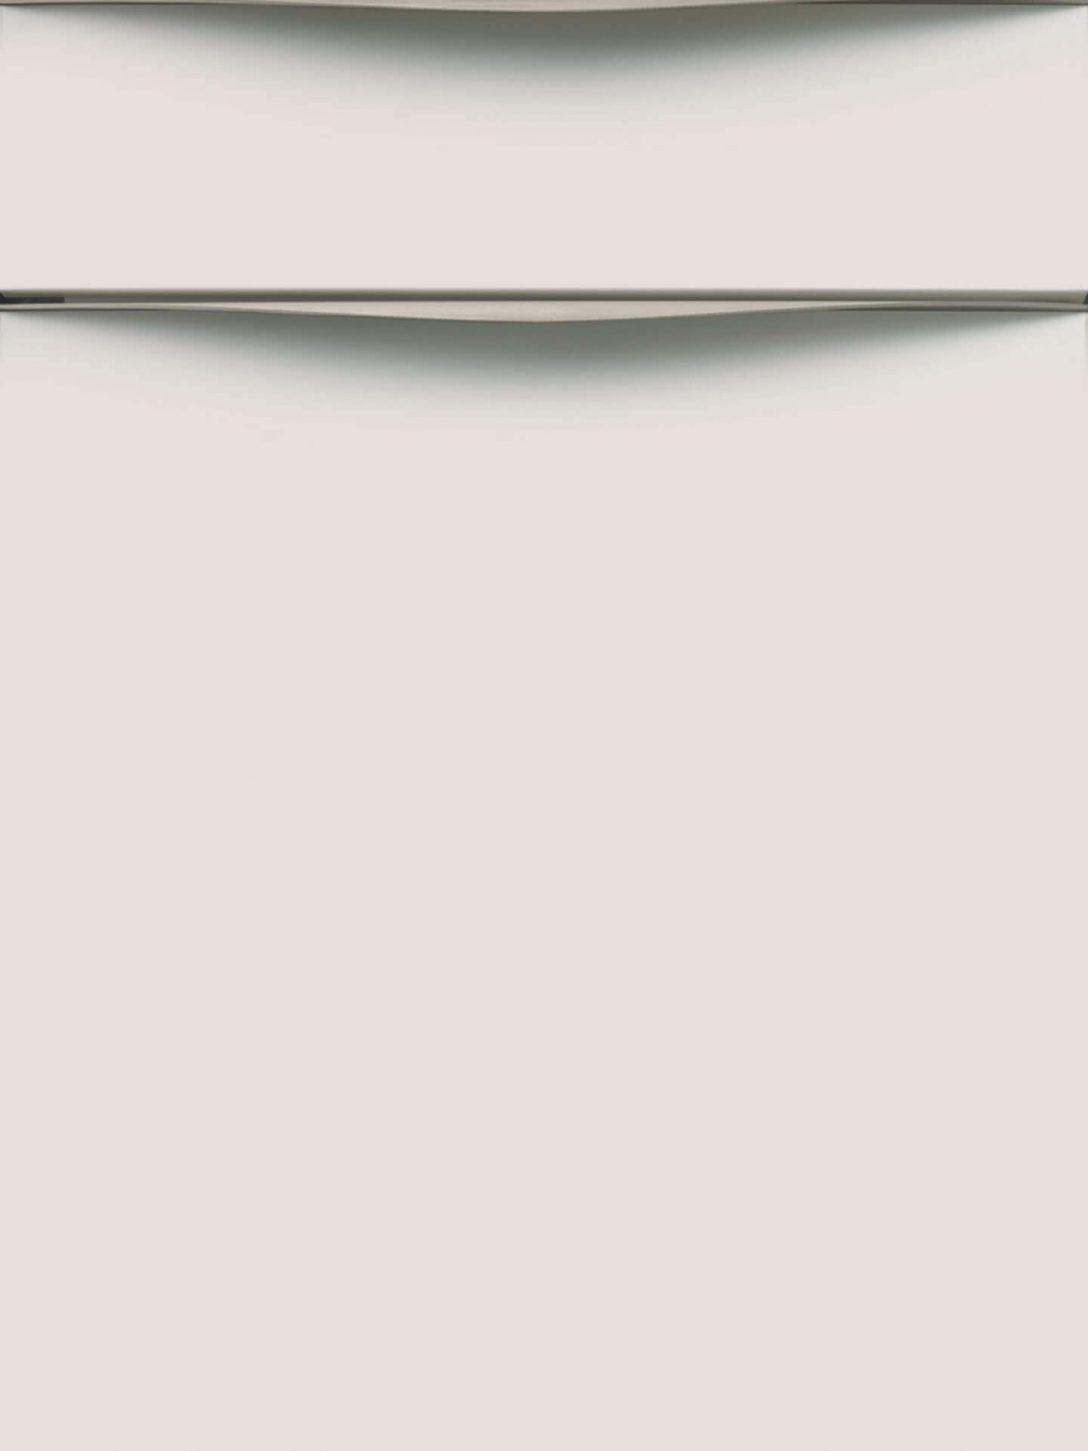 Full Size of Möbelgriffe Ikea Griffe Mbelgriffe Kche Ffnungssysteme Fr Ihre Ratiomat Betten 160x200 Küche Kosten Modulküche Bei Miniküche Sofa Mit Schlaffunktion Kaufen Wohnzimmer Möbelgriffe Ikea